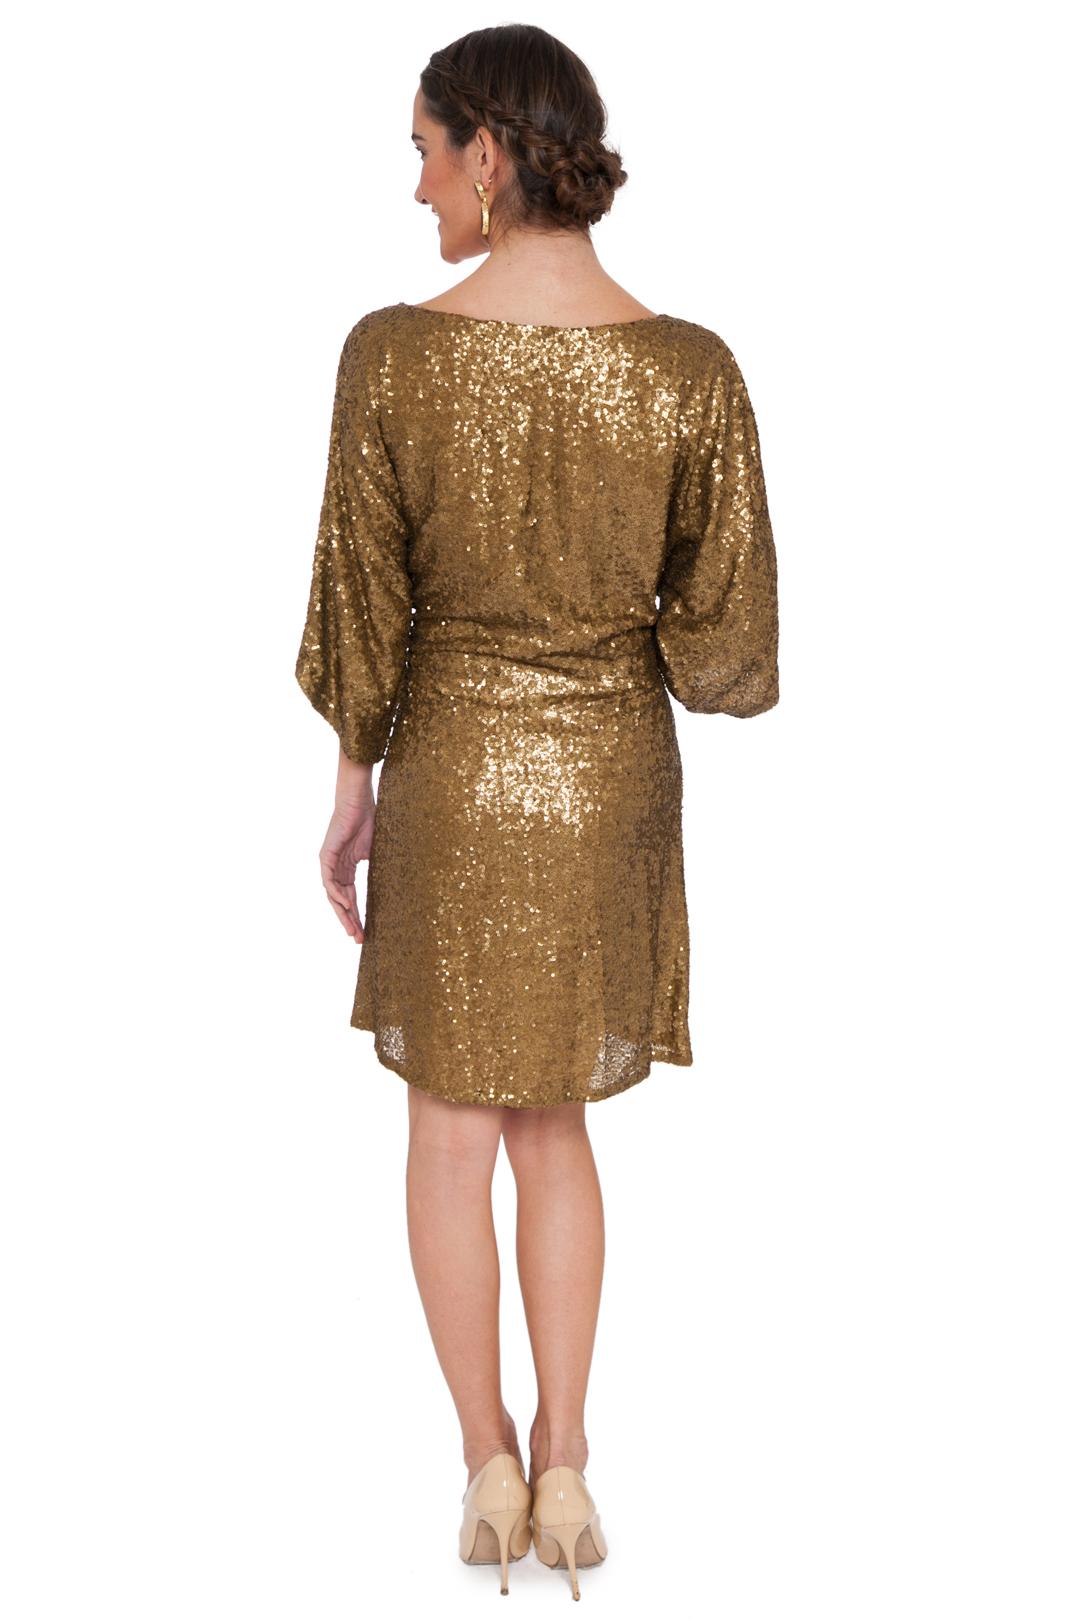 left - Vestido Gold Paillettes